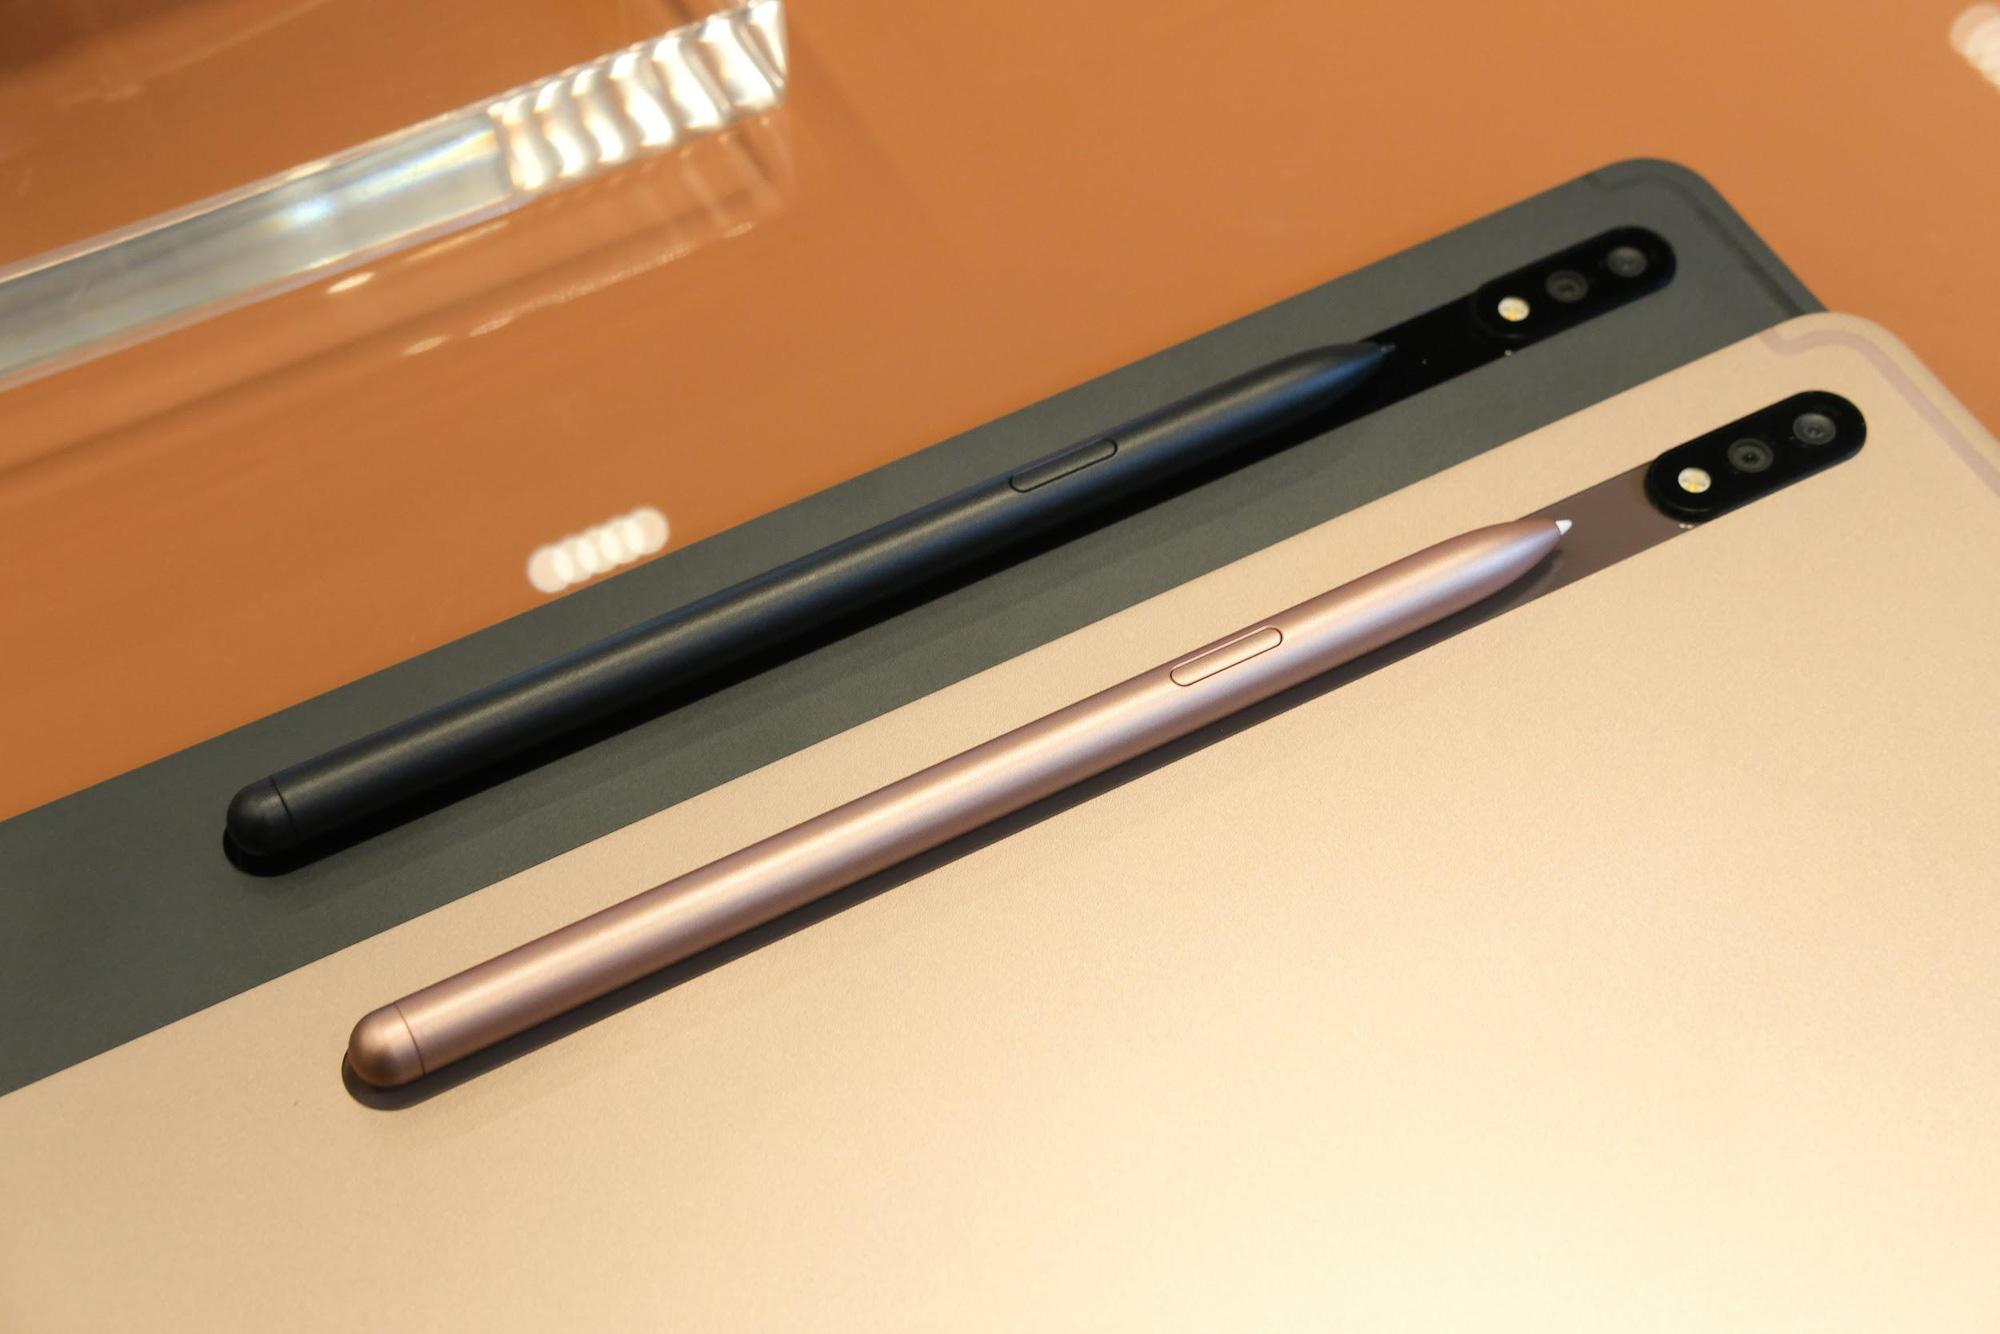 Tận hưởng phong cách làm việc như triệu phú cùng Galaxy Tab S7/S7+ - Ảnh 3.